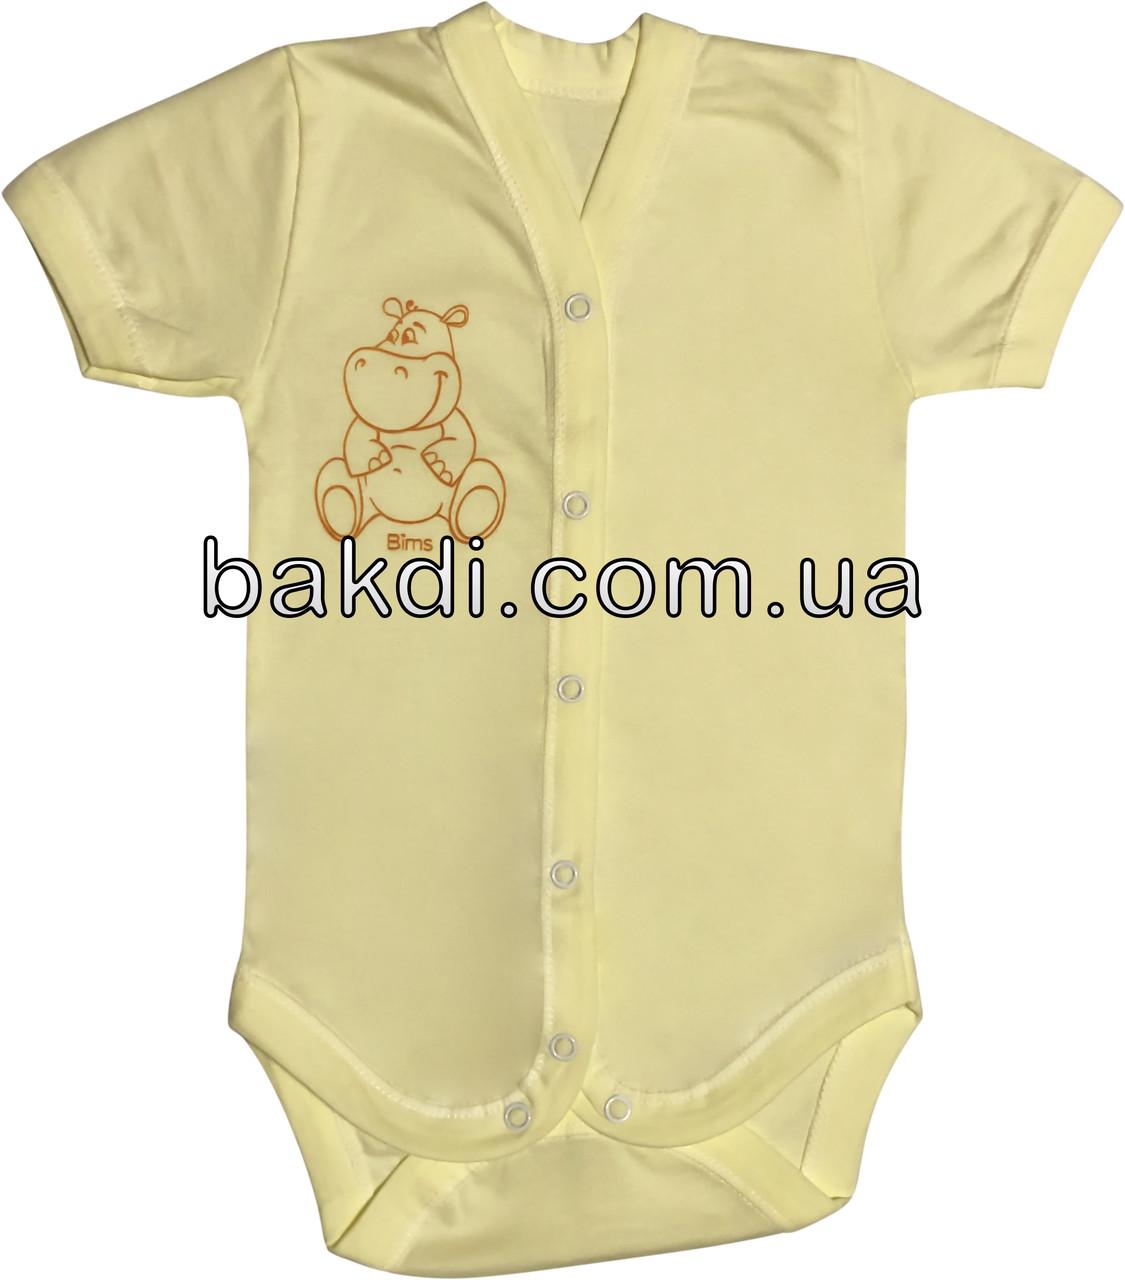 Детское летнее тонкое боди рост 62 2-3 мес кулир жёлтое на мальчика девочку бодик с коротким рукавом для новорожденных малышей Ж054